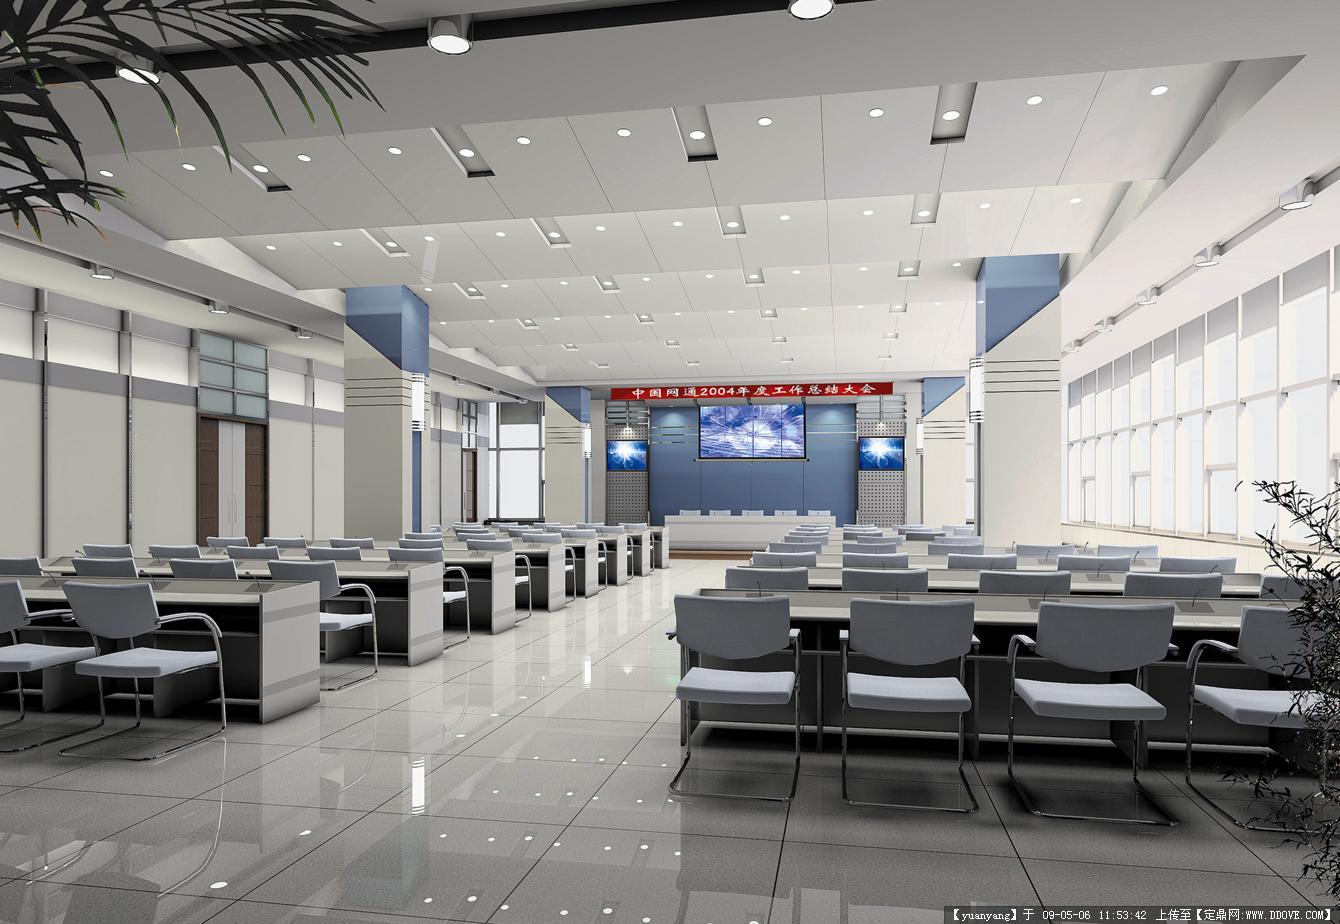 哈爾濱電信維護培訓中心裝飾設計效果圖